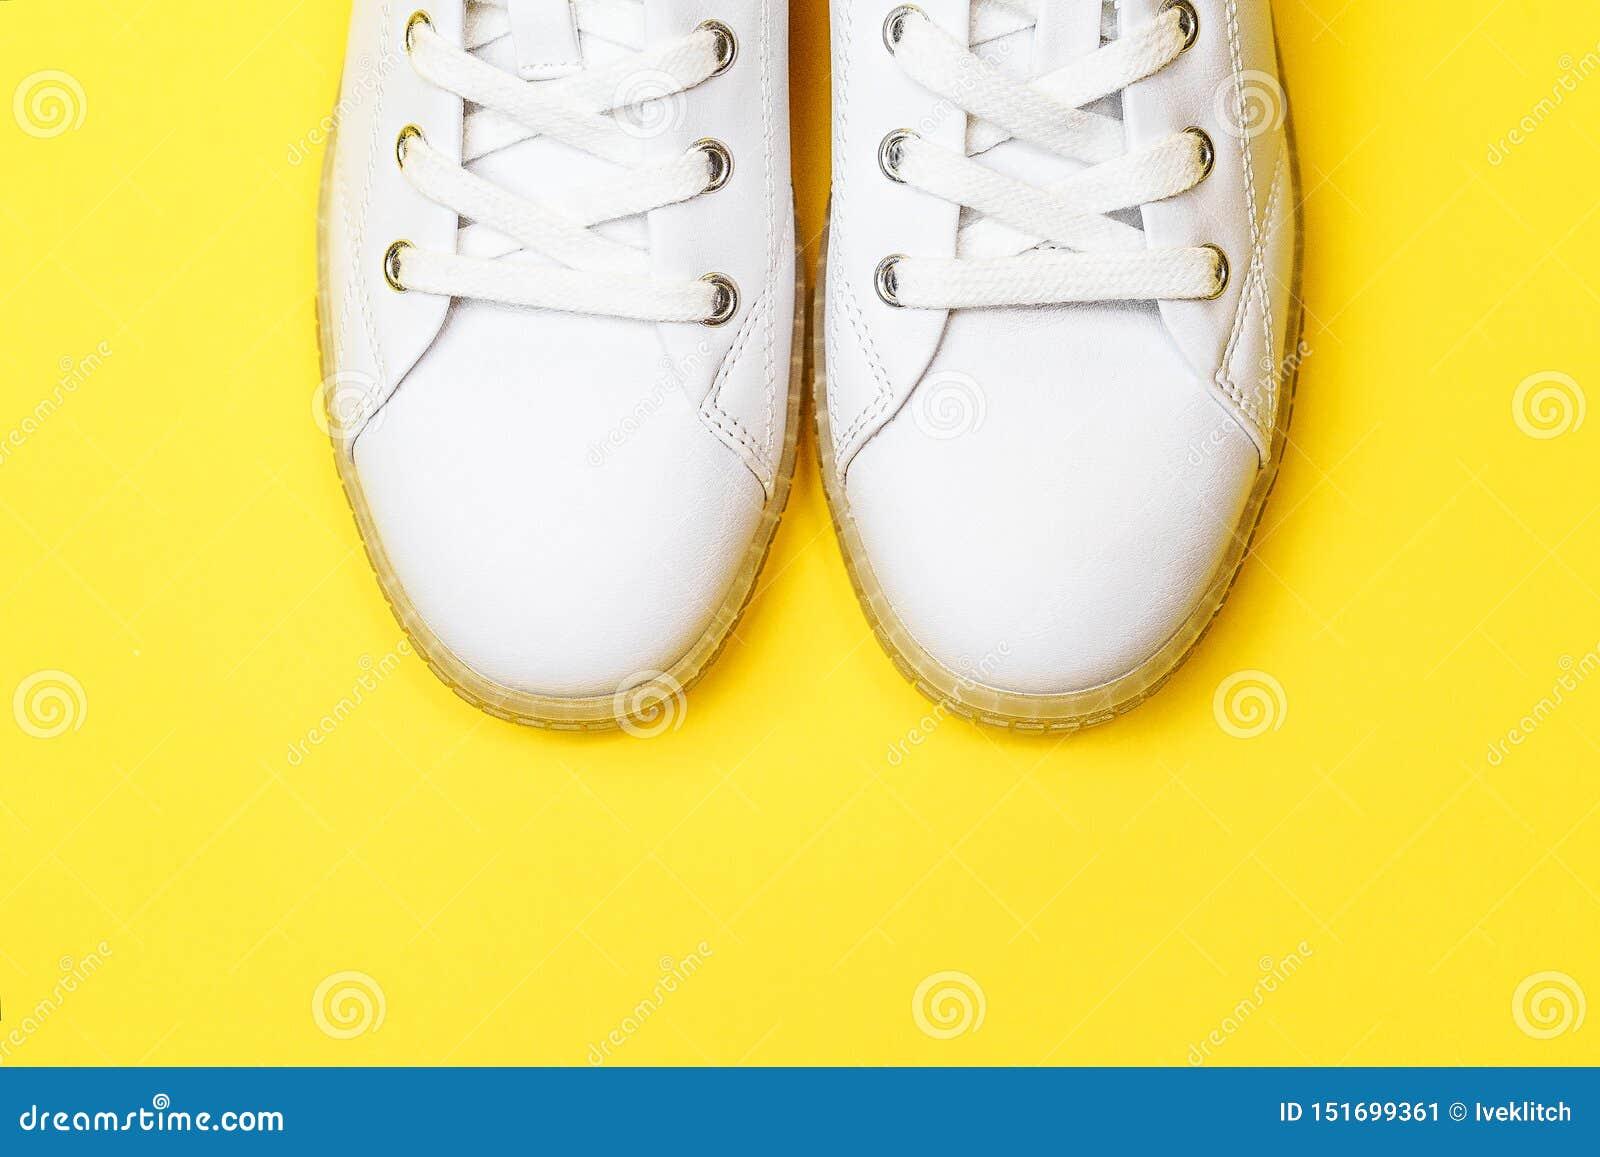 Les espadrilles blanches se trouvent sur un fond jaune en pastel